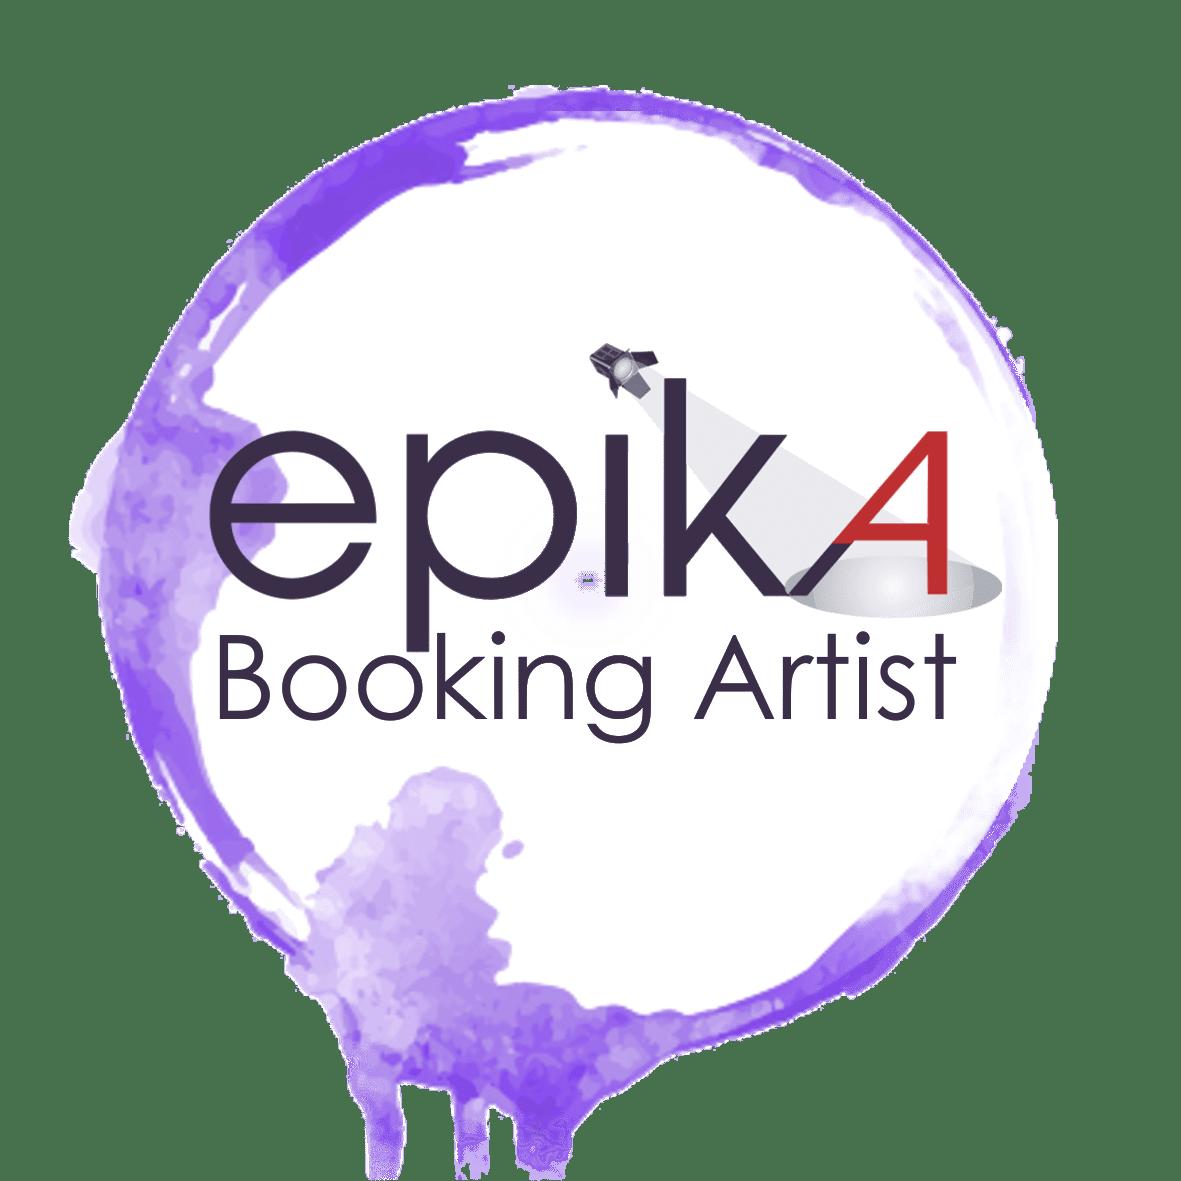 Epika